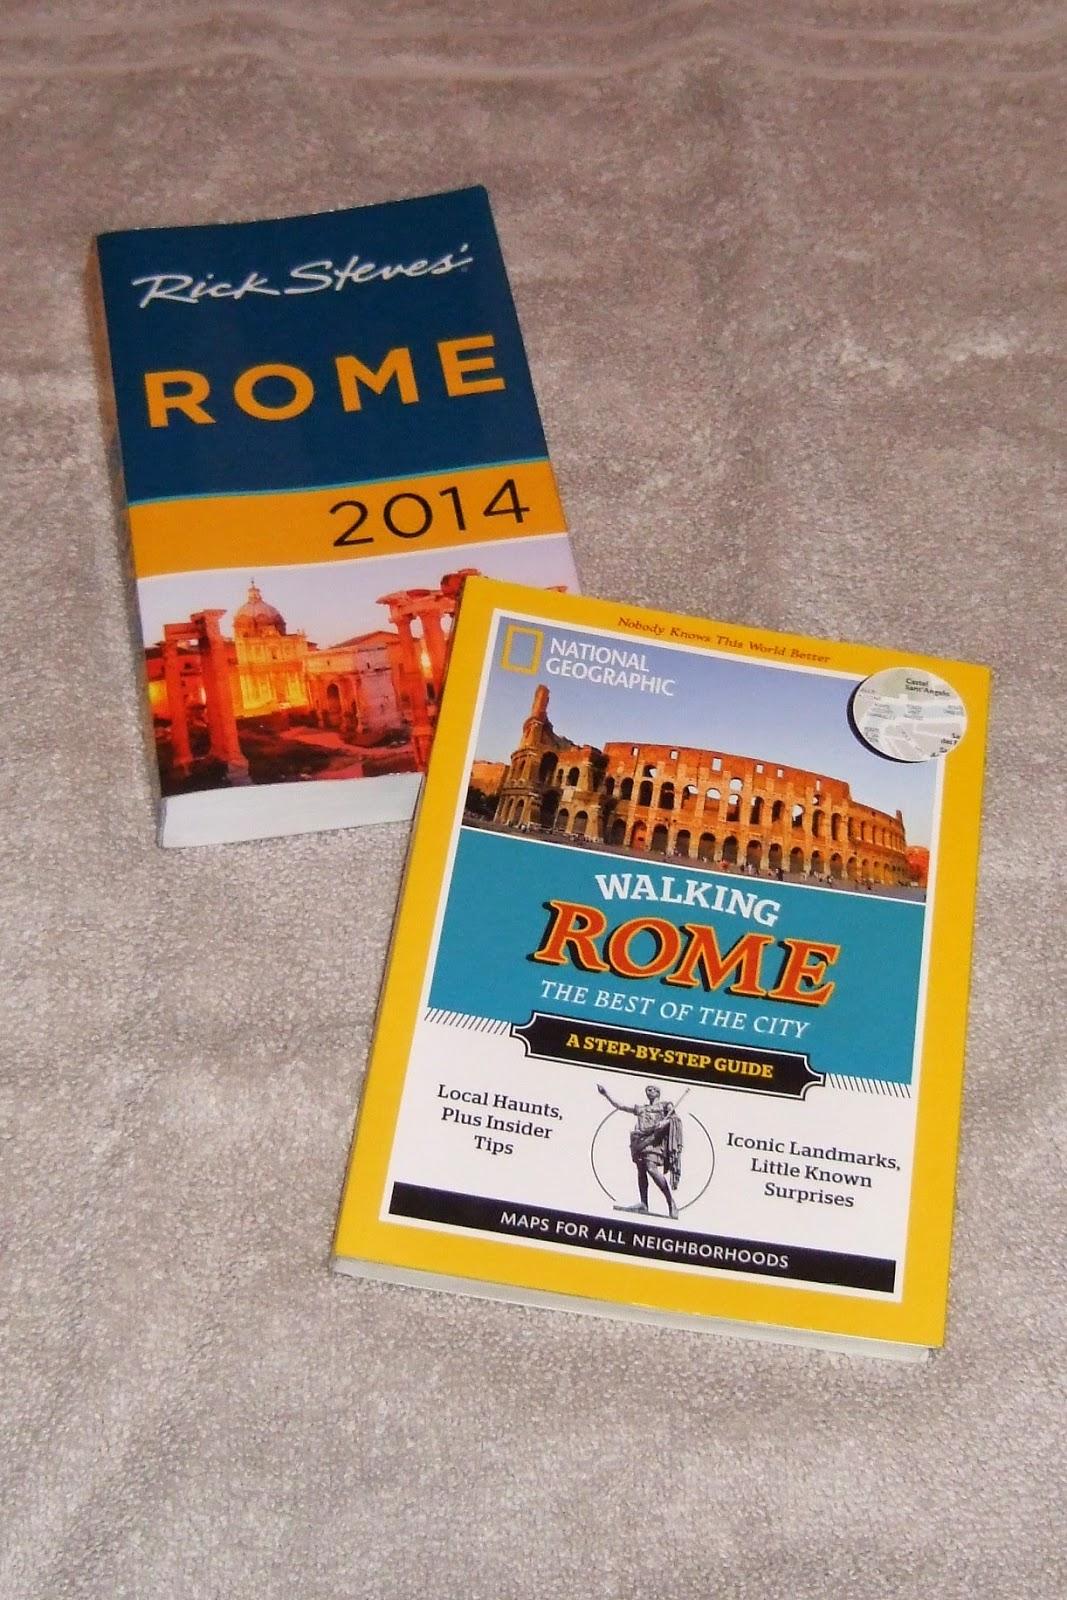 Pregunta sobre Rick Steves Guías - Roma Foro